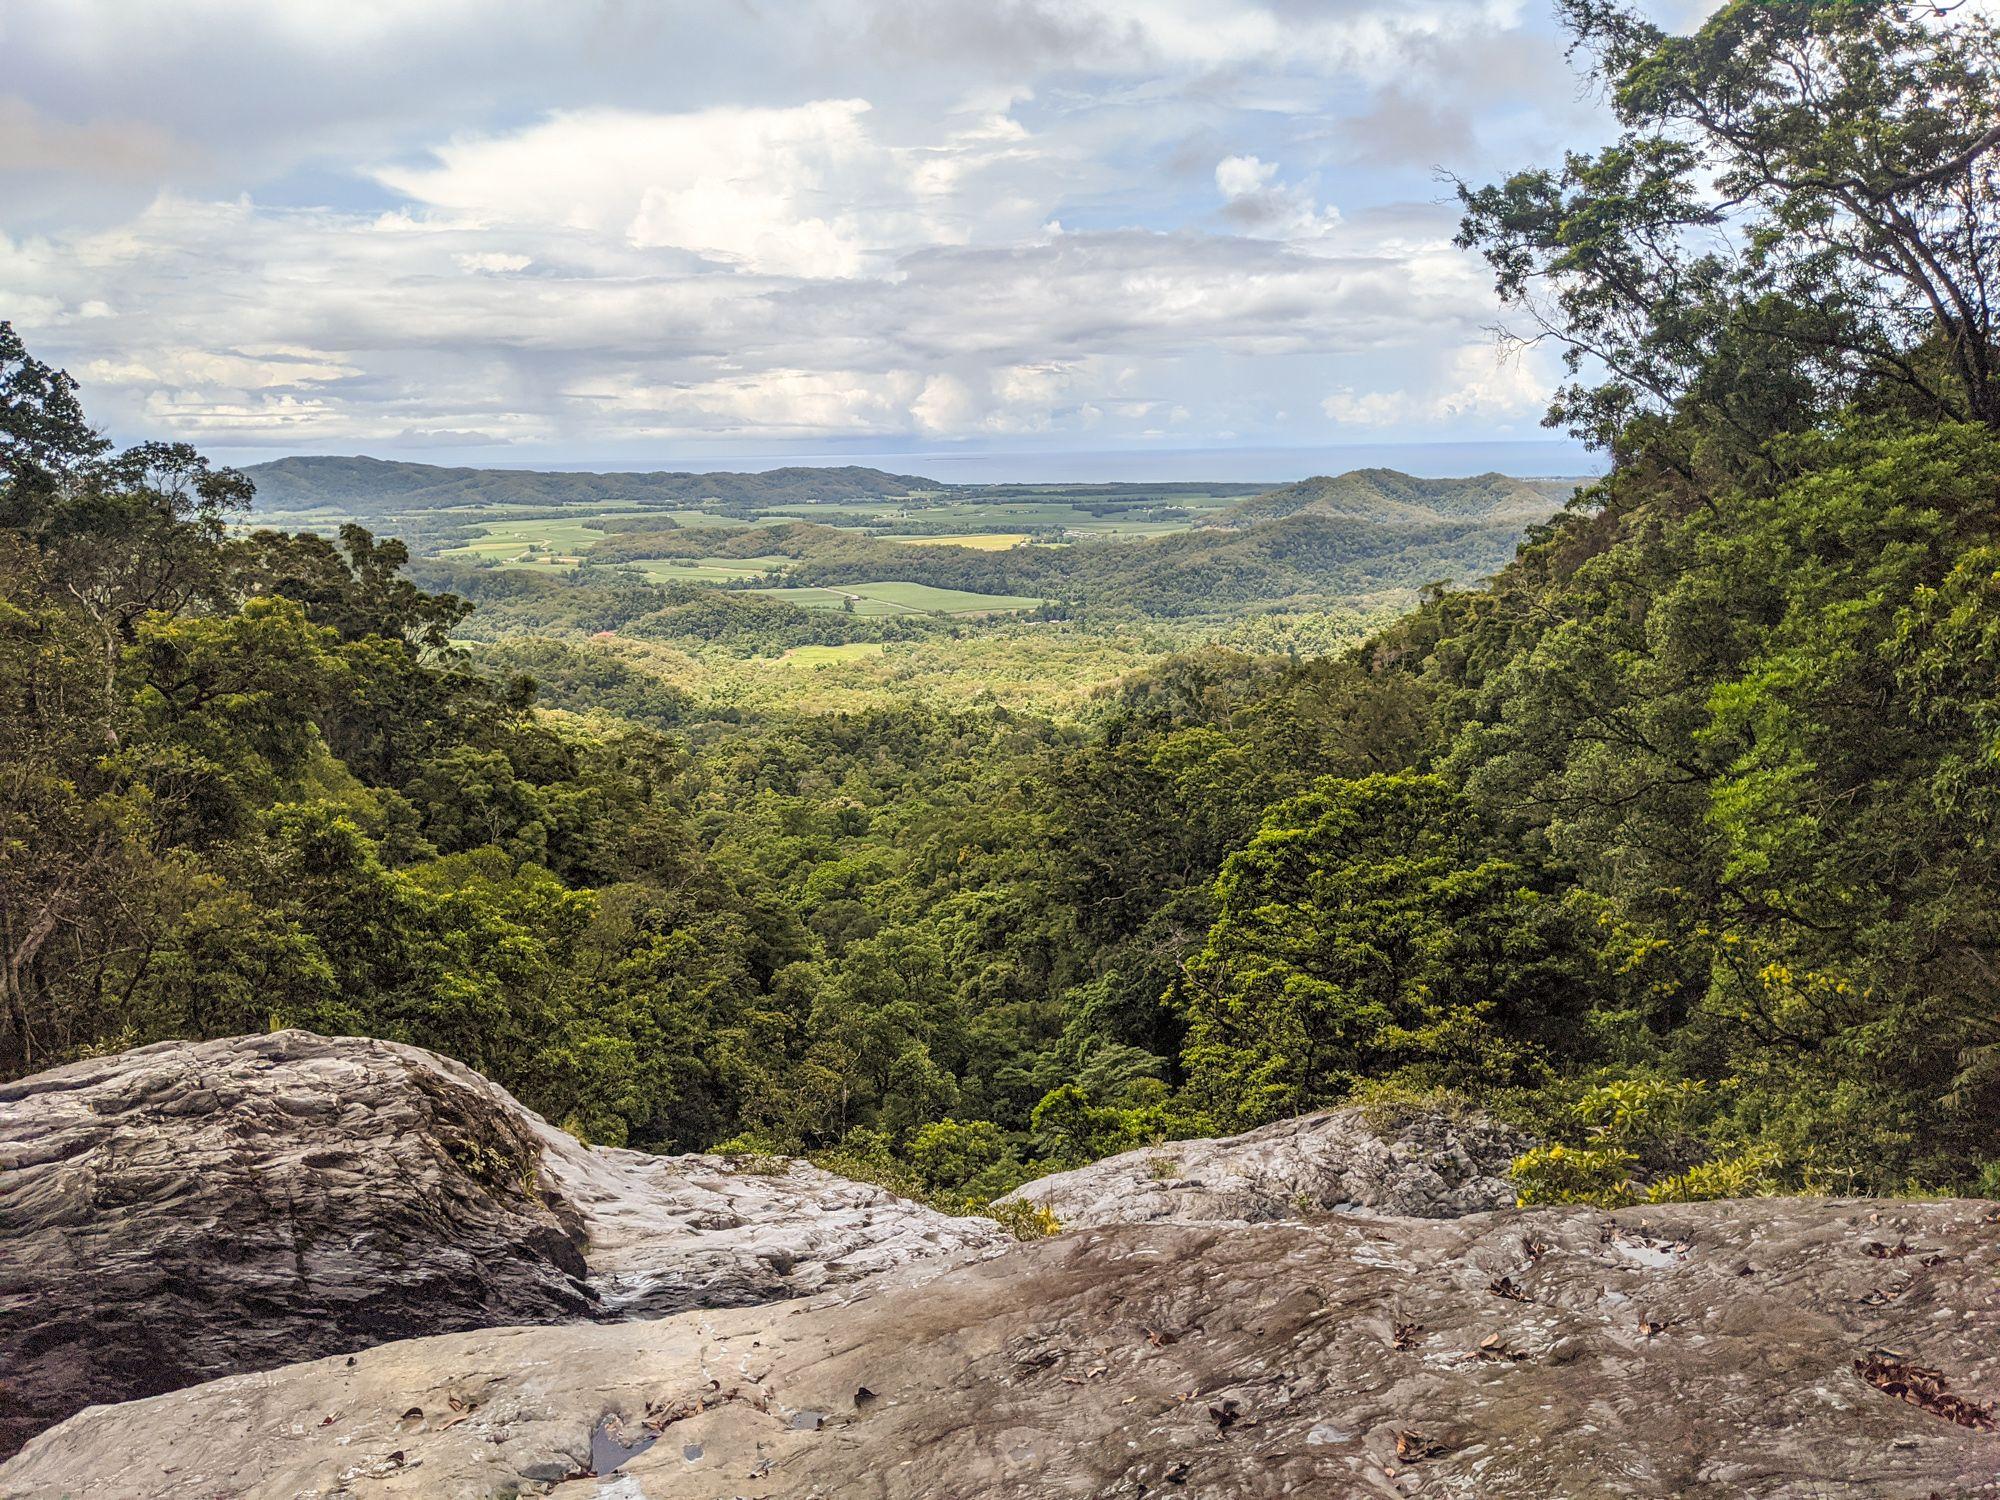 karnak falls top view